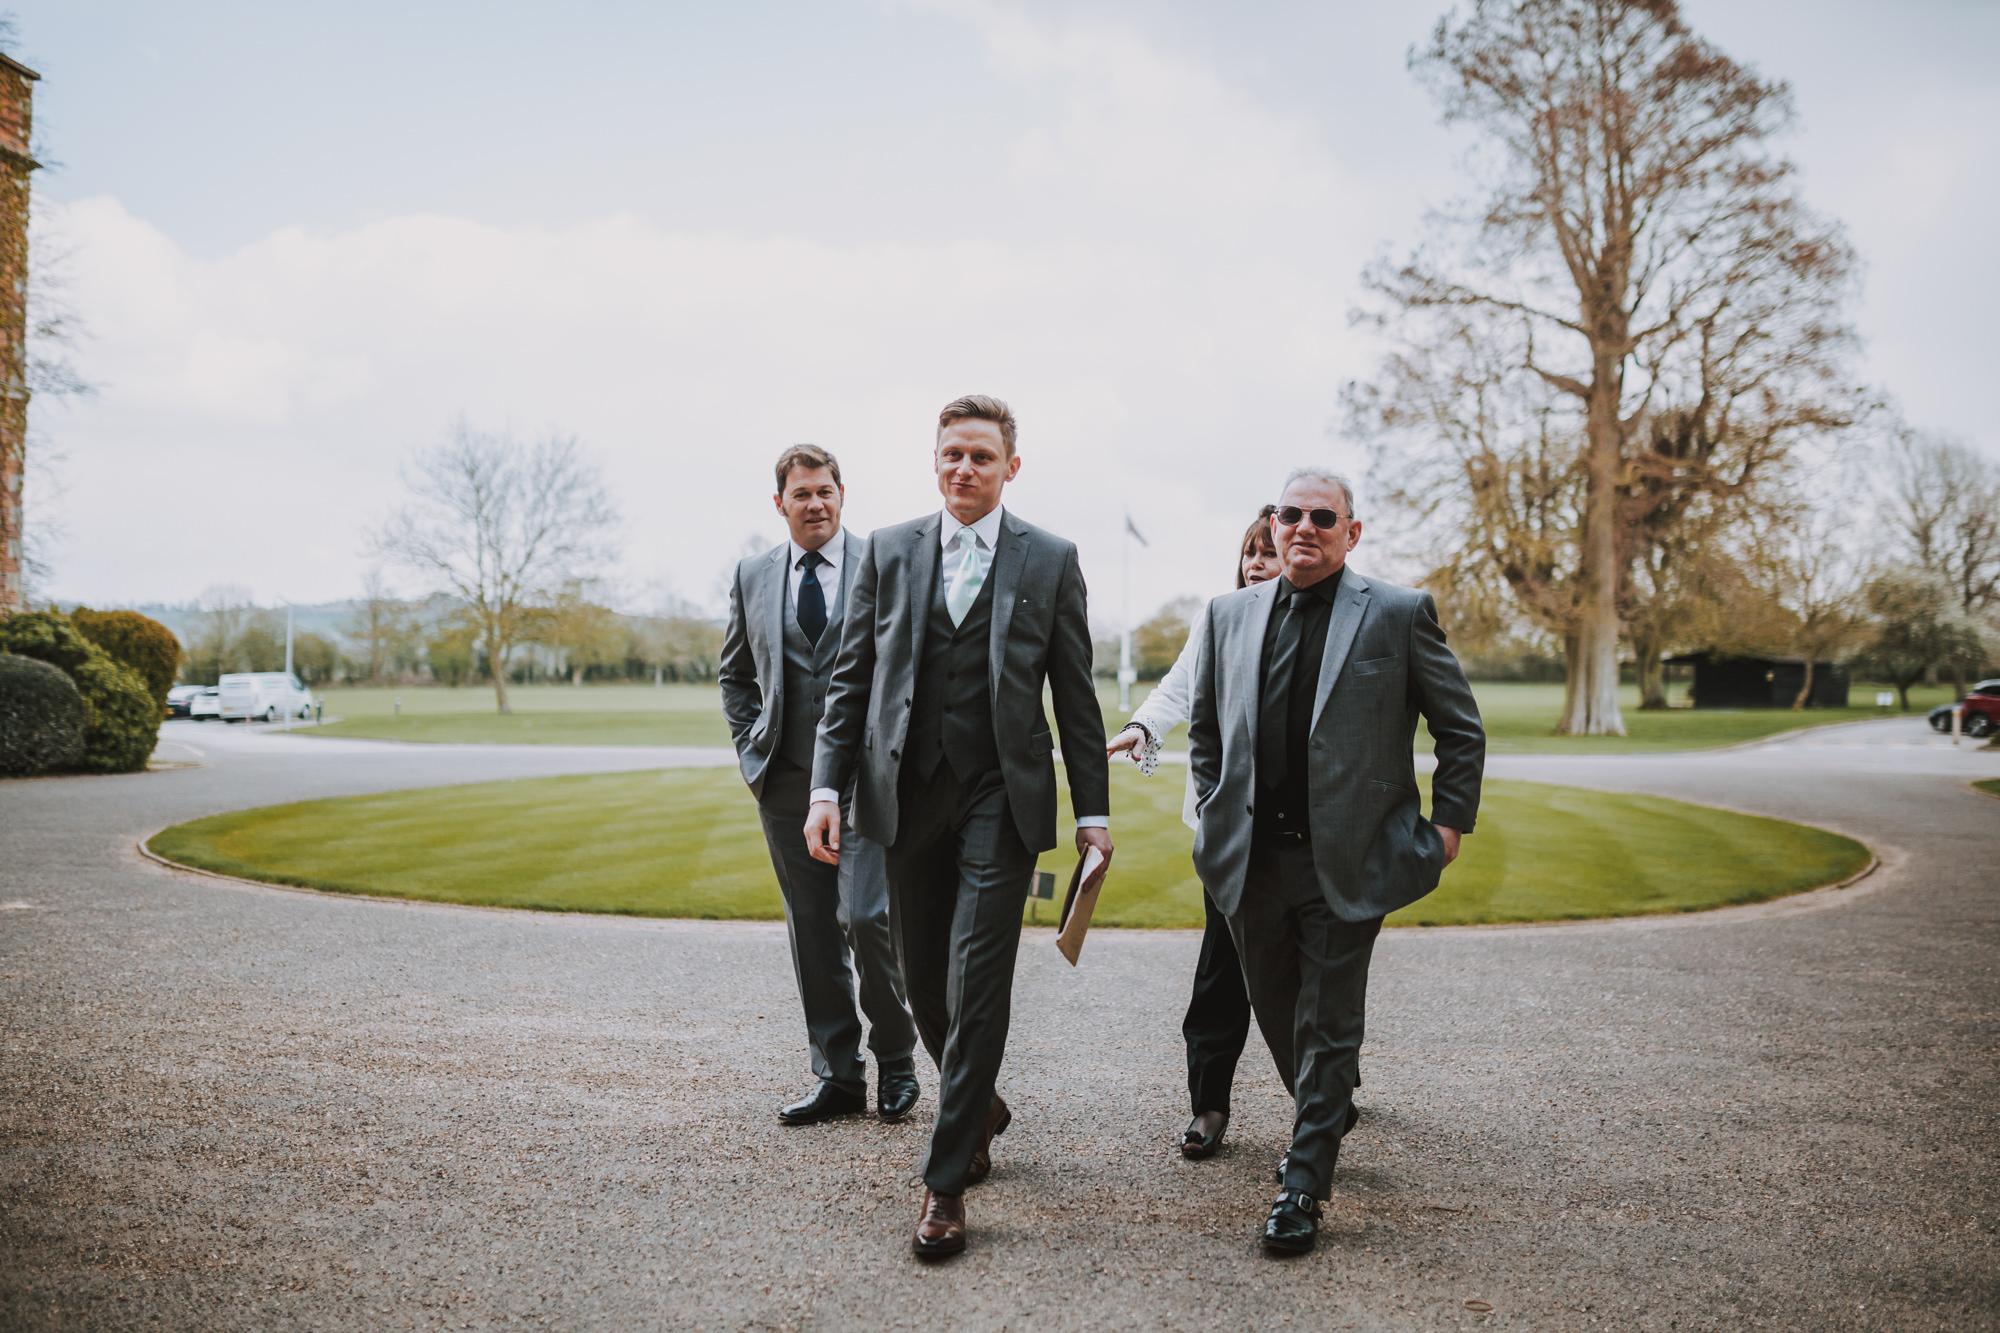 wedding photographers in buckinghamshire-8.jpg